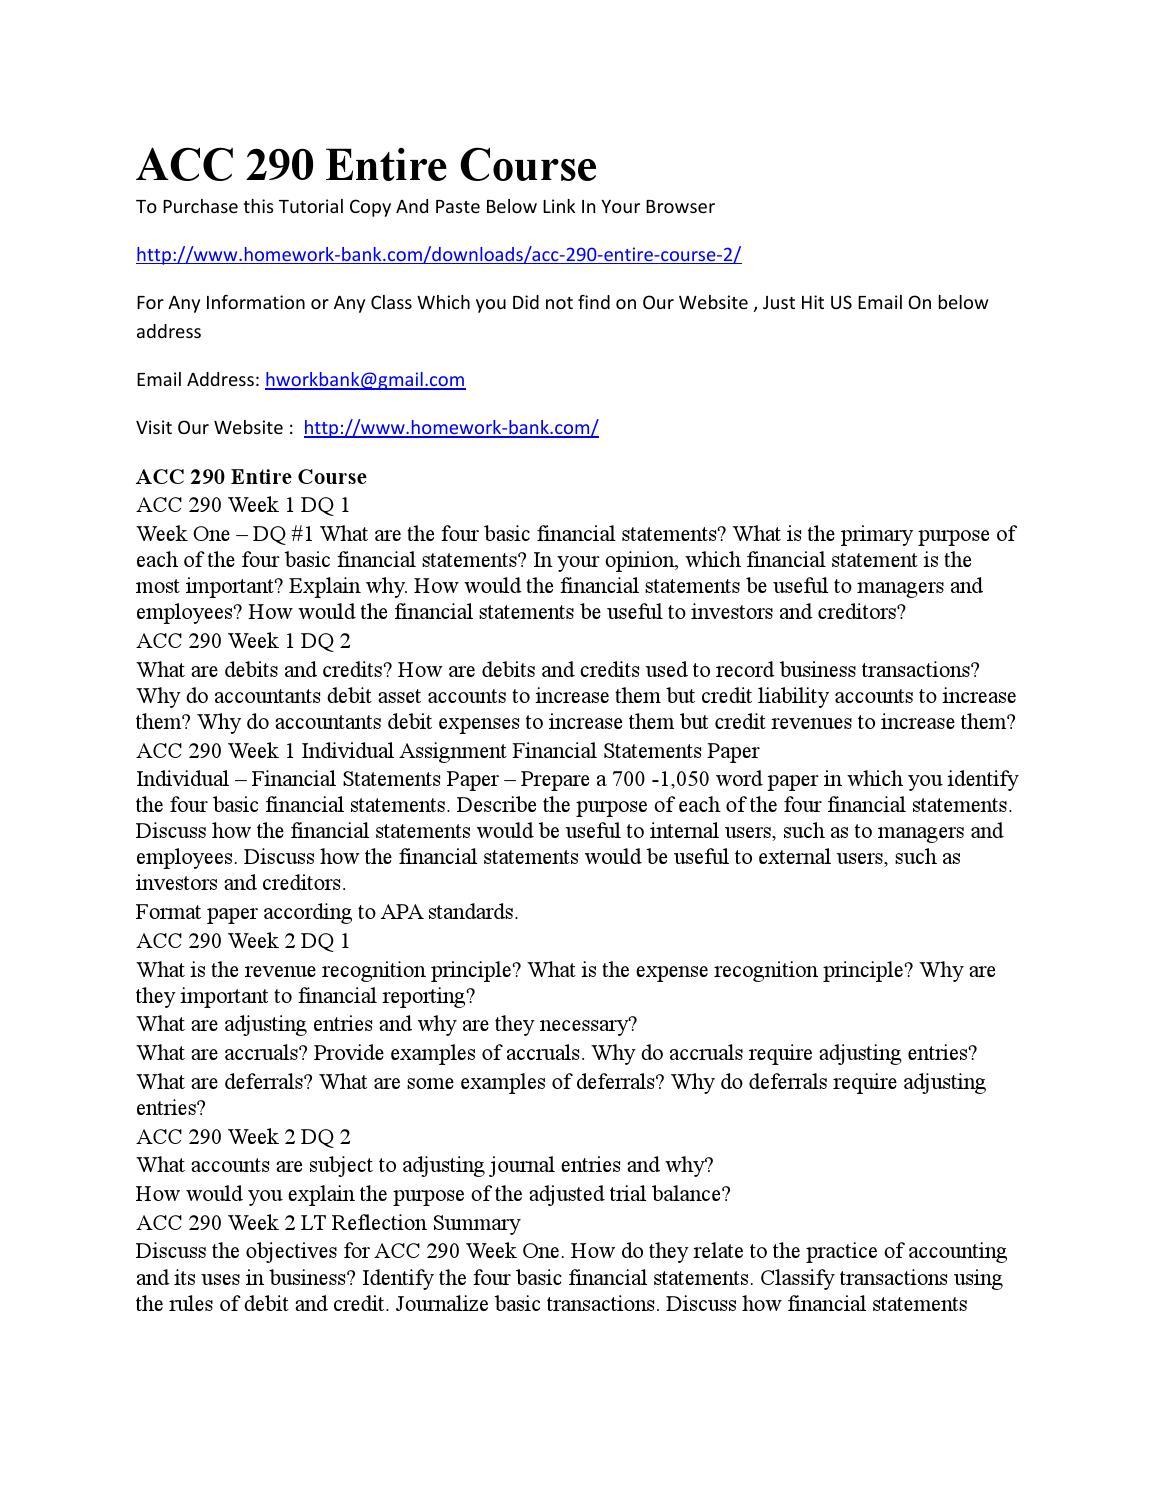 acc 290 journalizing basic transactions